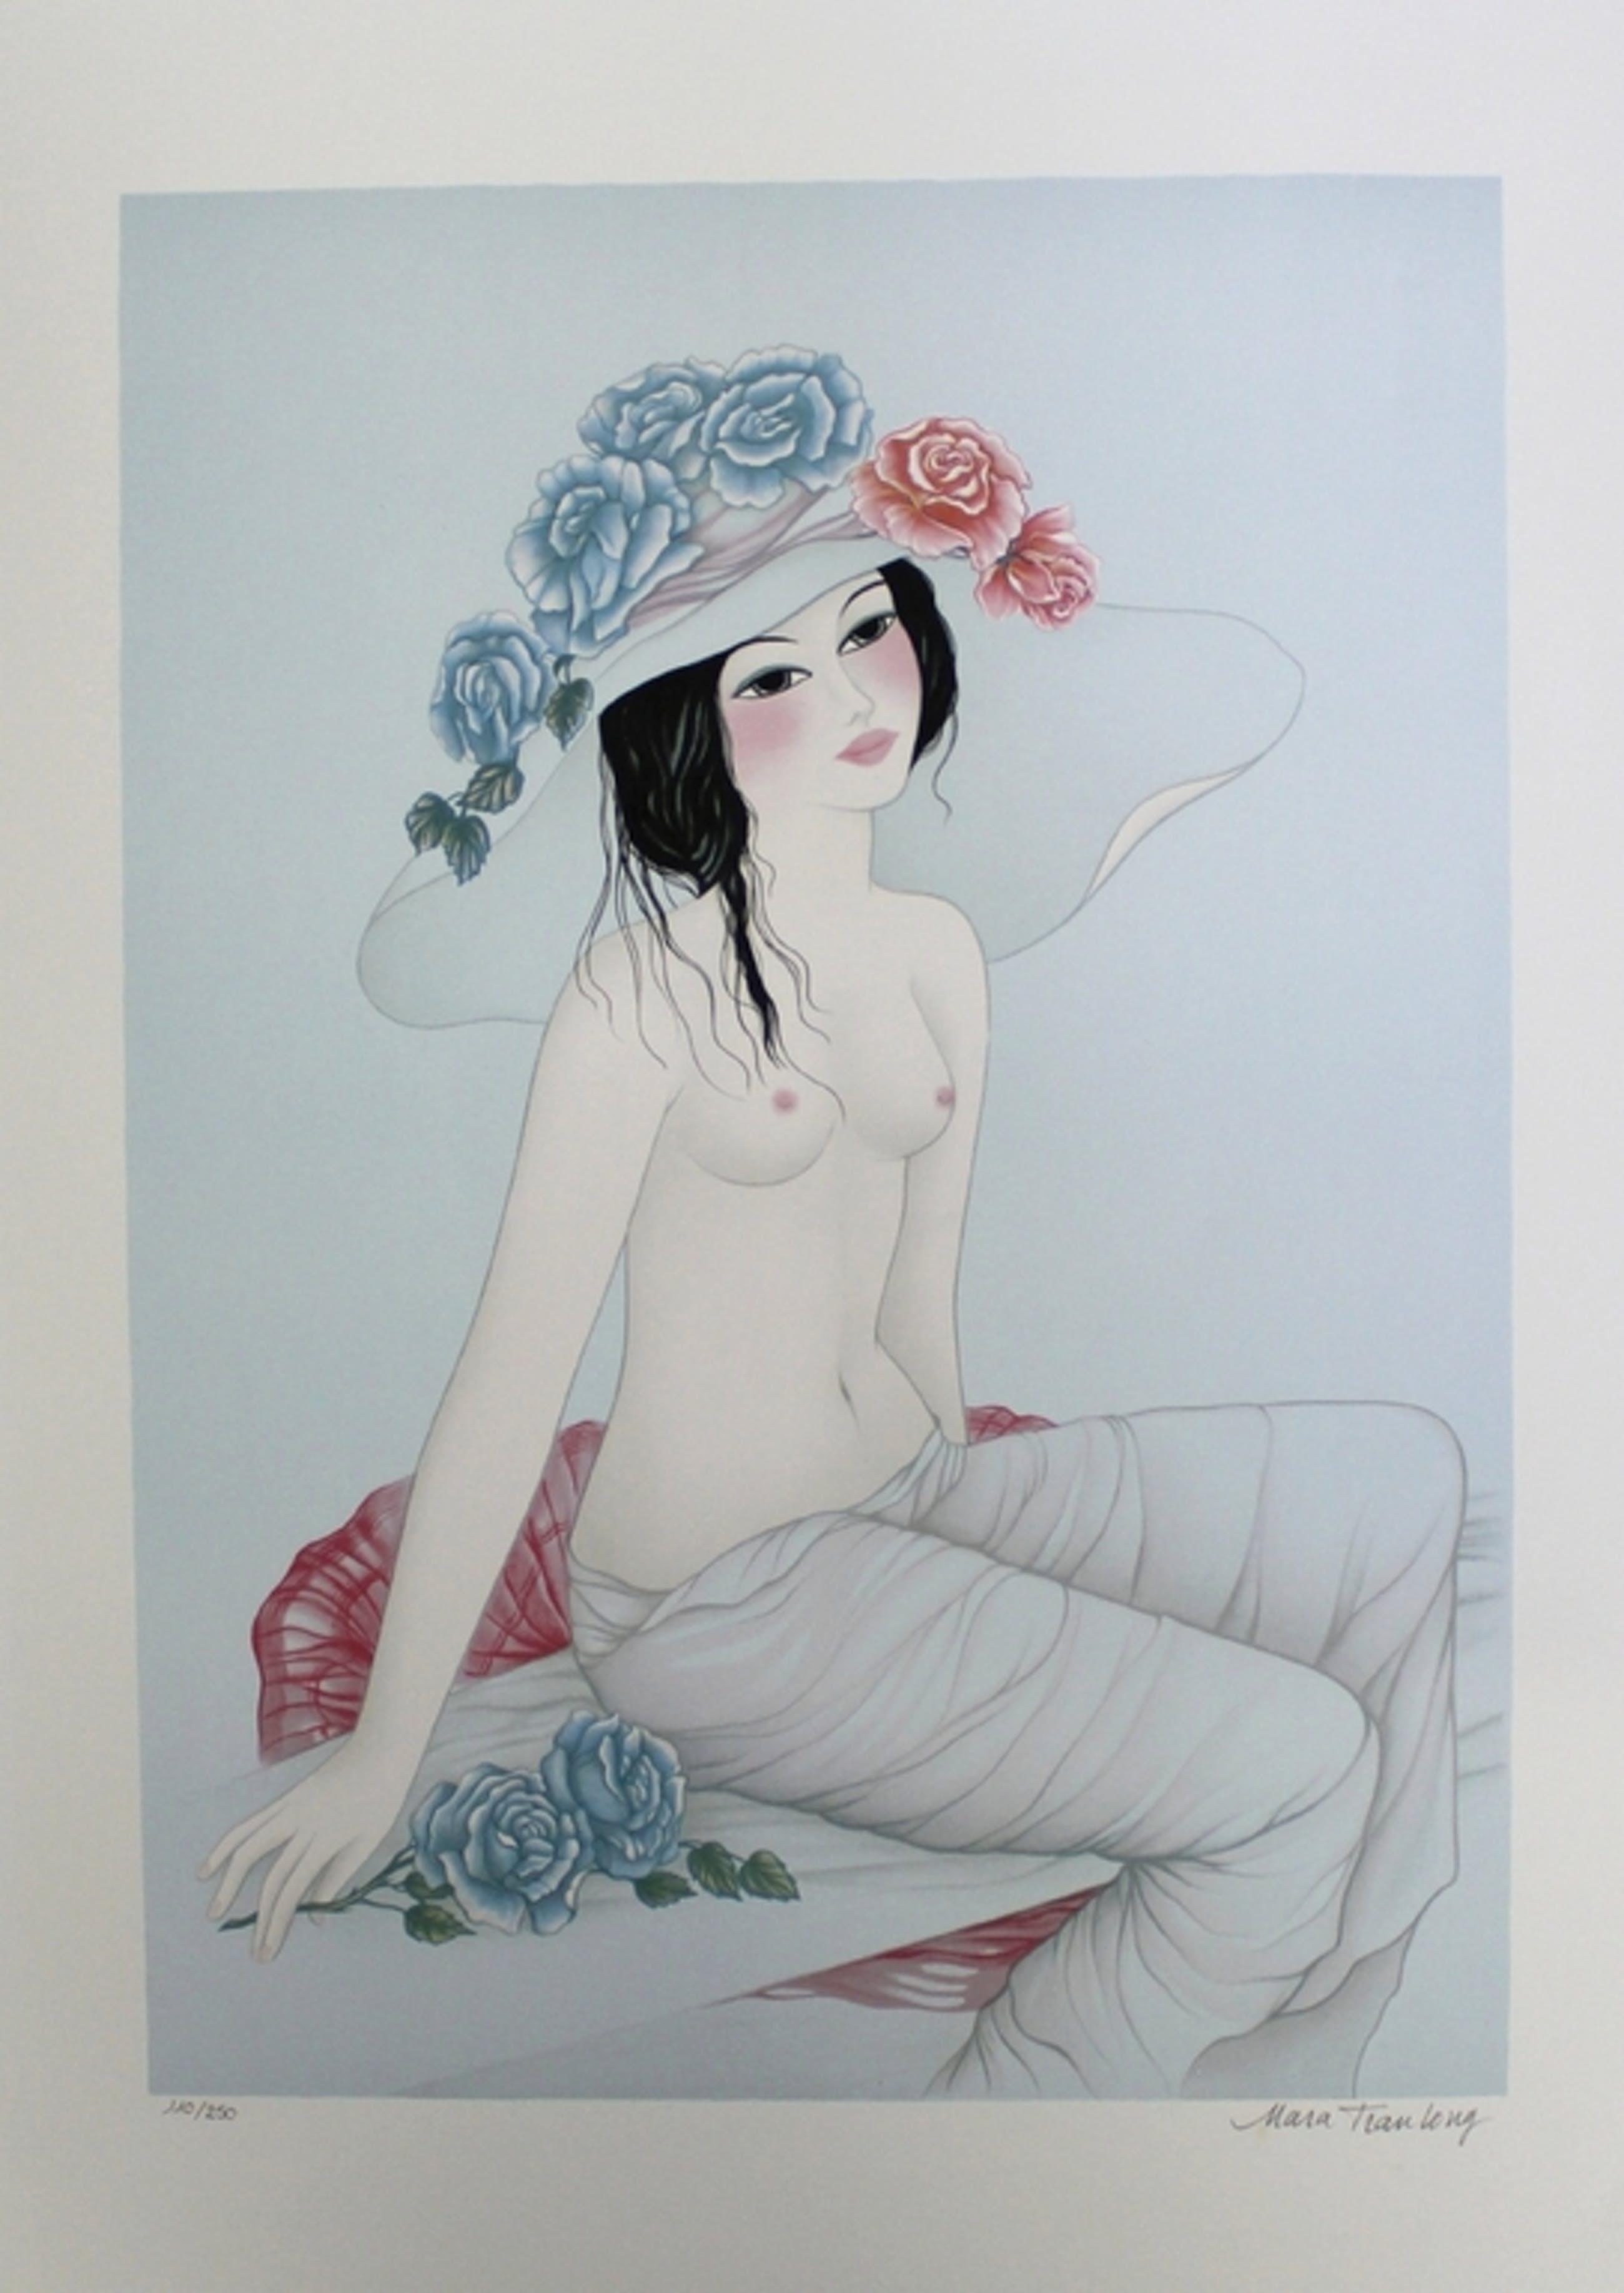 Mara Tran Long - Originele handgesigneerde kleuren litho  kopen? Bied vanaf 30!